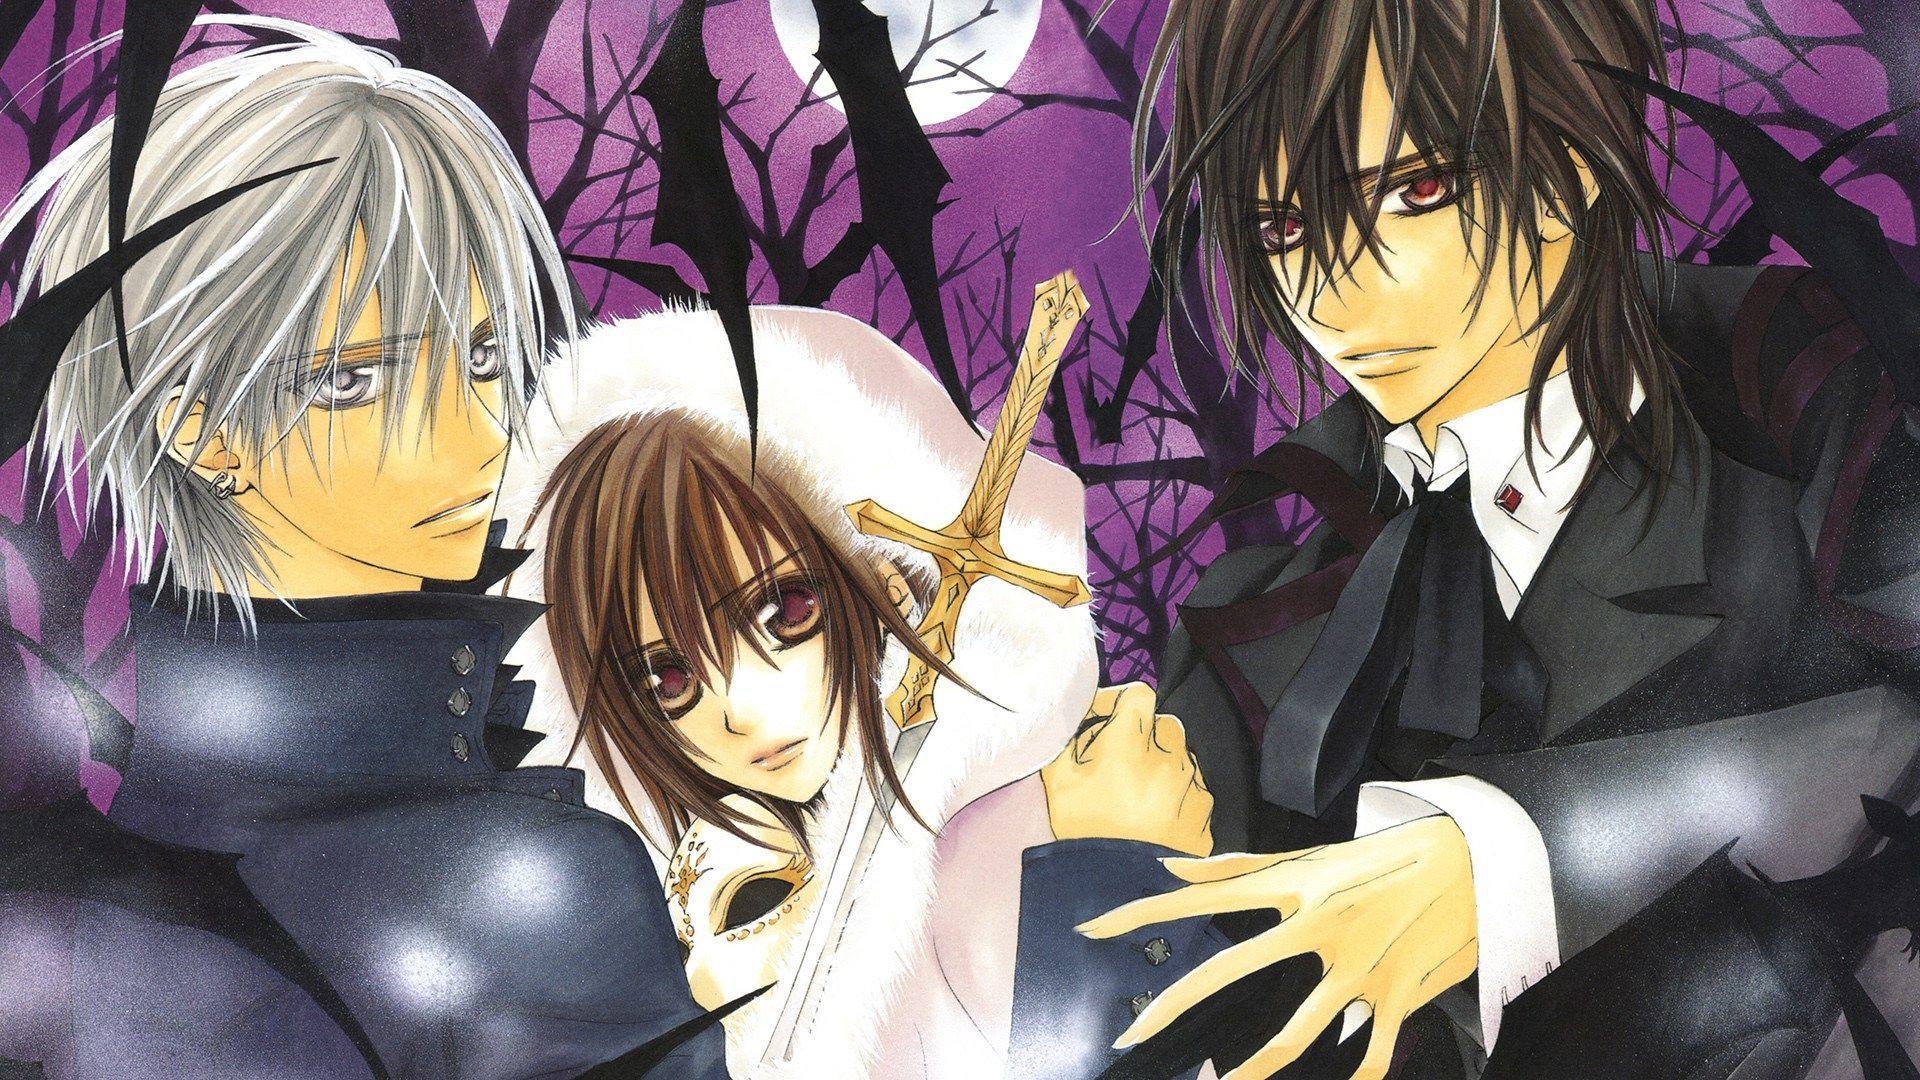 Vampire Knight Wallpaper: Kaname-sama - Minitokyo  Vampire Knight Kaname Wallpaper